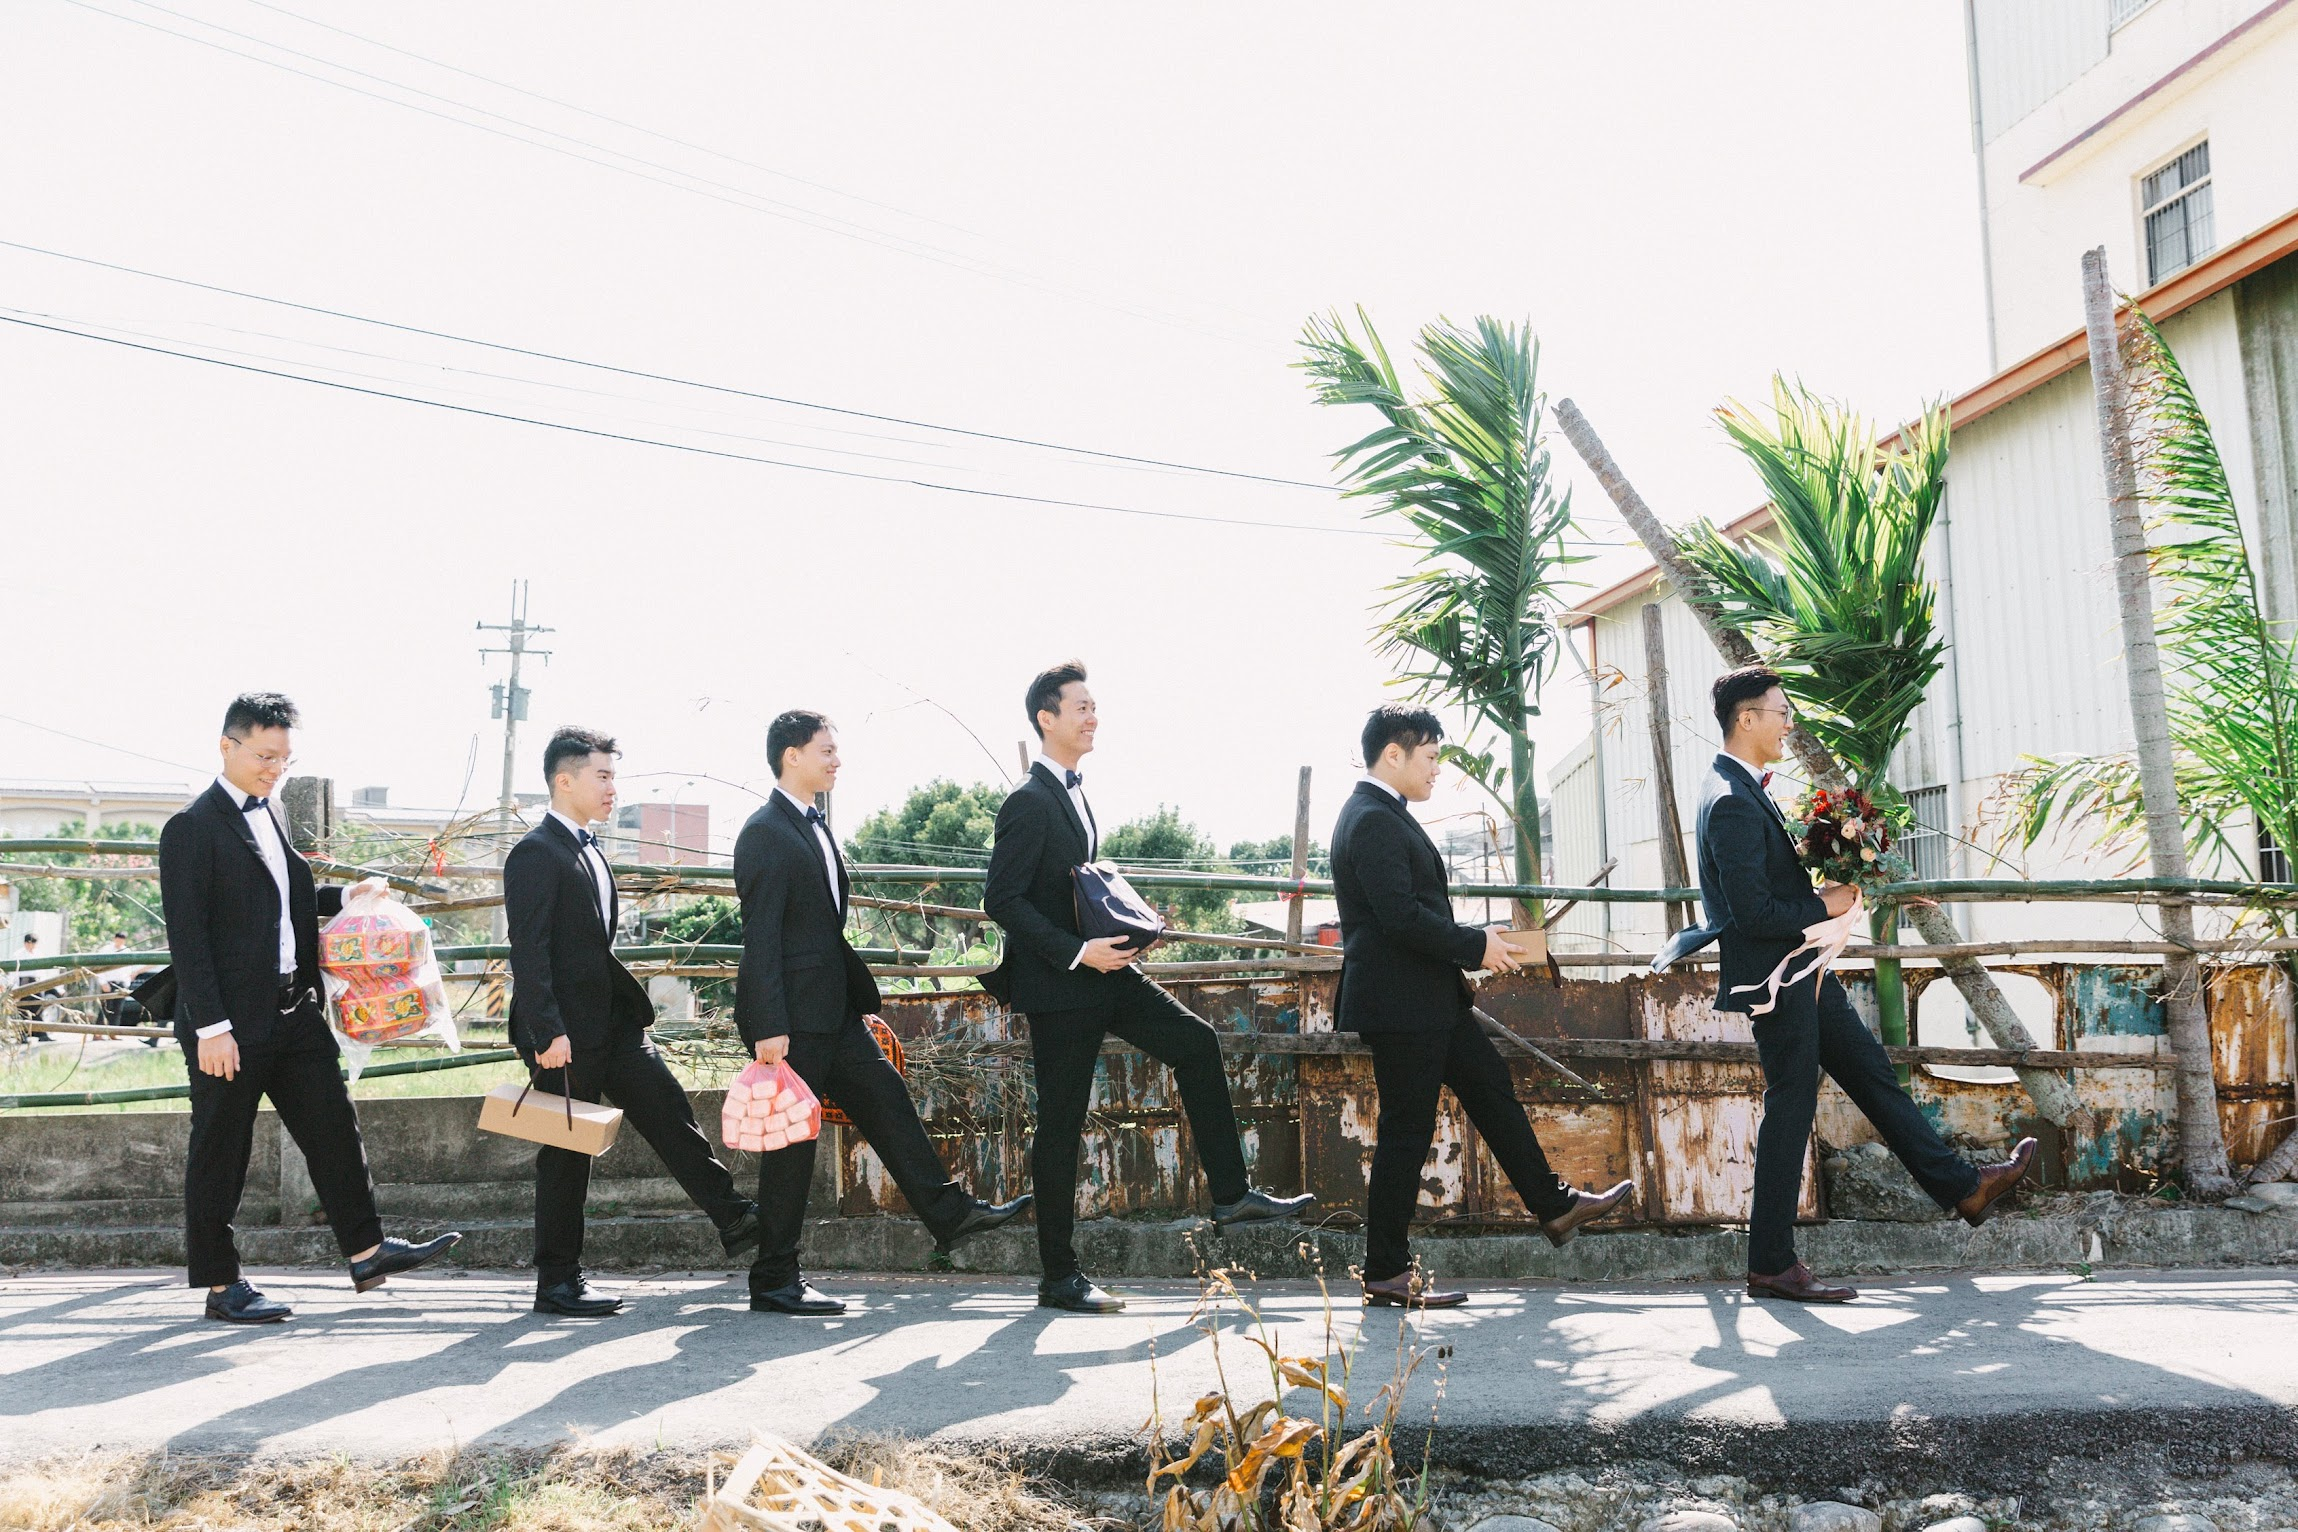 嘉義耐斯王子飯店的美式婚禮攝影 | Amazing Grace美式婚攝